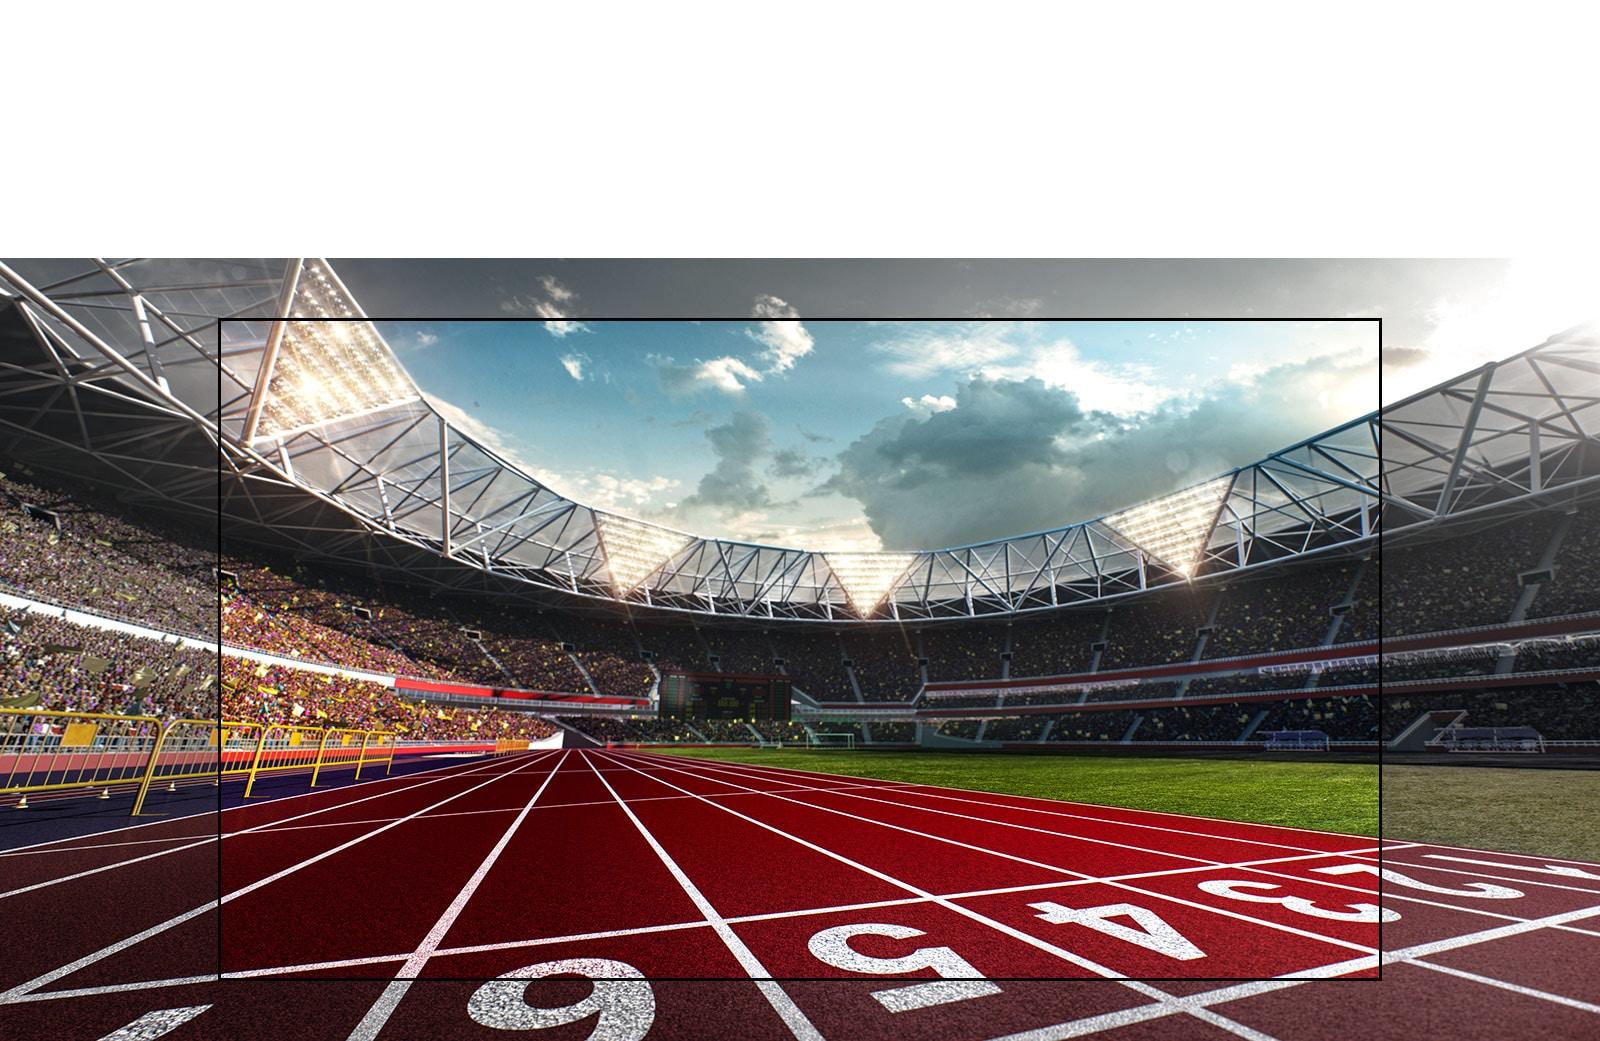 על מסך הטלוויזיה נראה אצטדיון עם מבט תקריב על מסלול ריצה. האצטדיון מלא בצופים.